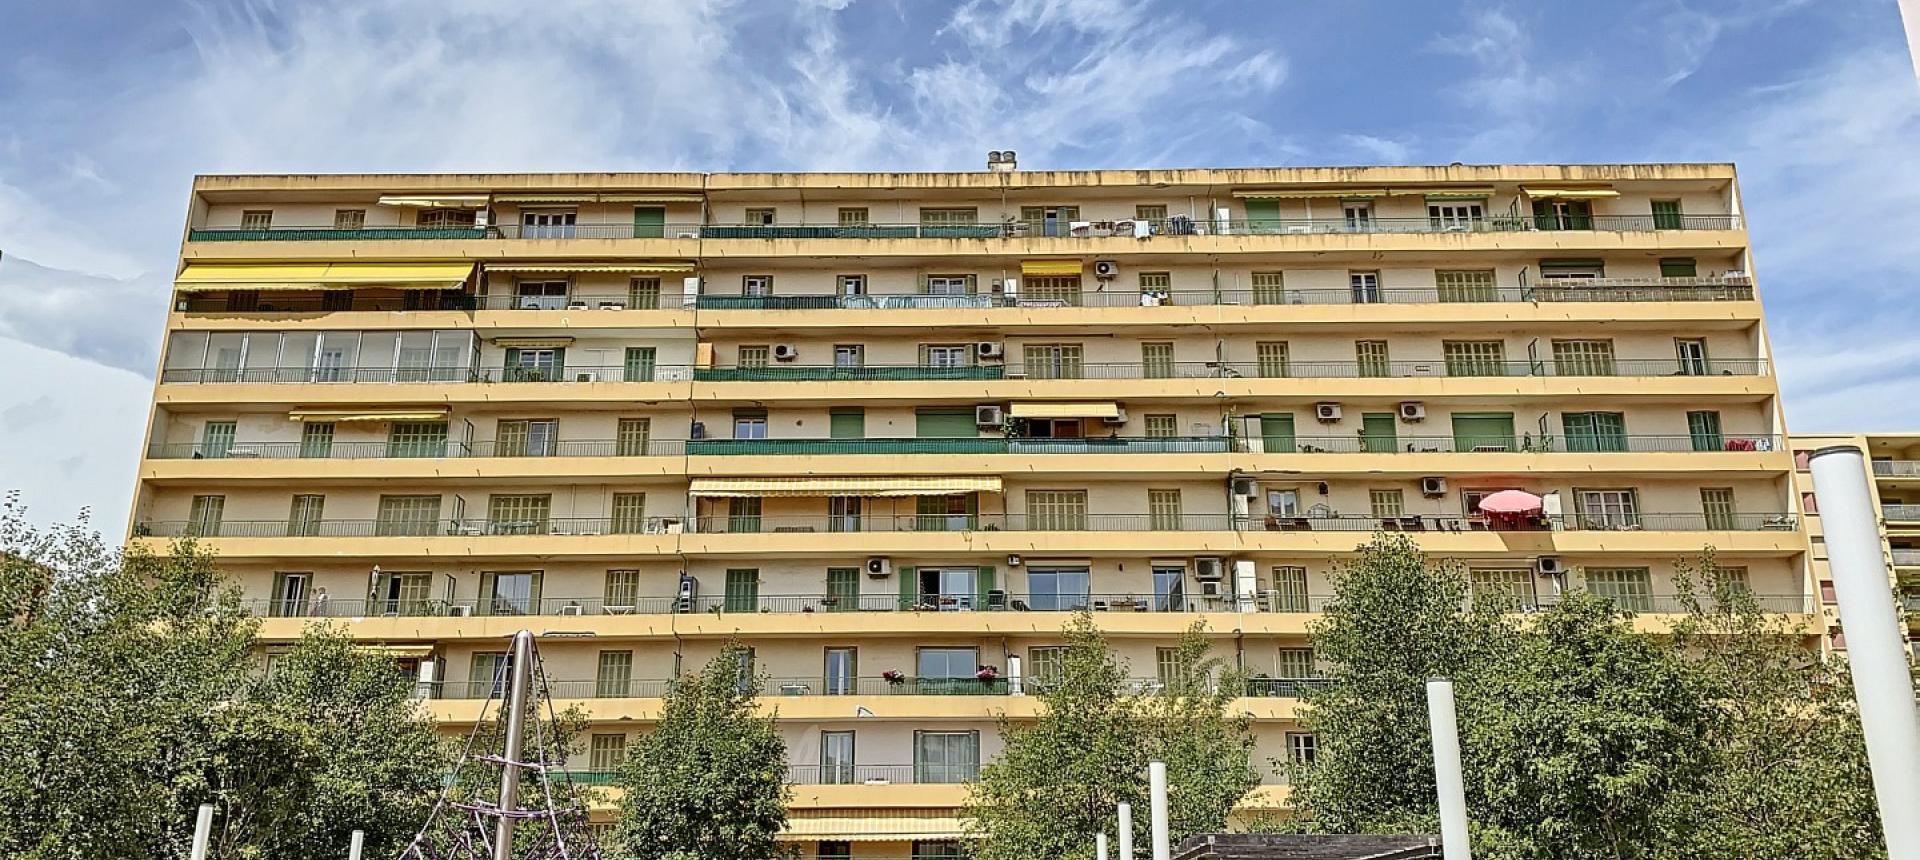 A vendre appartement F3 proche centre-ville - Vue extérieur